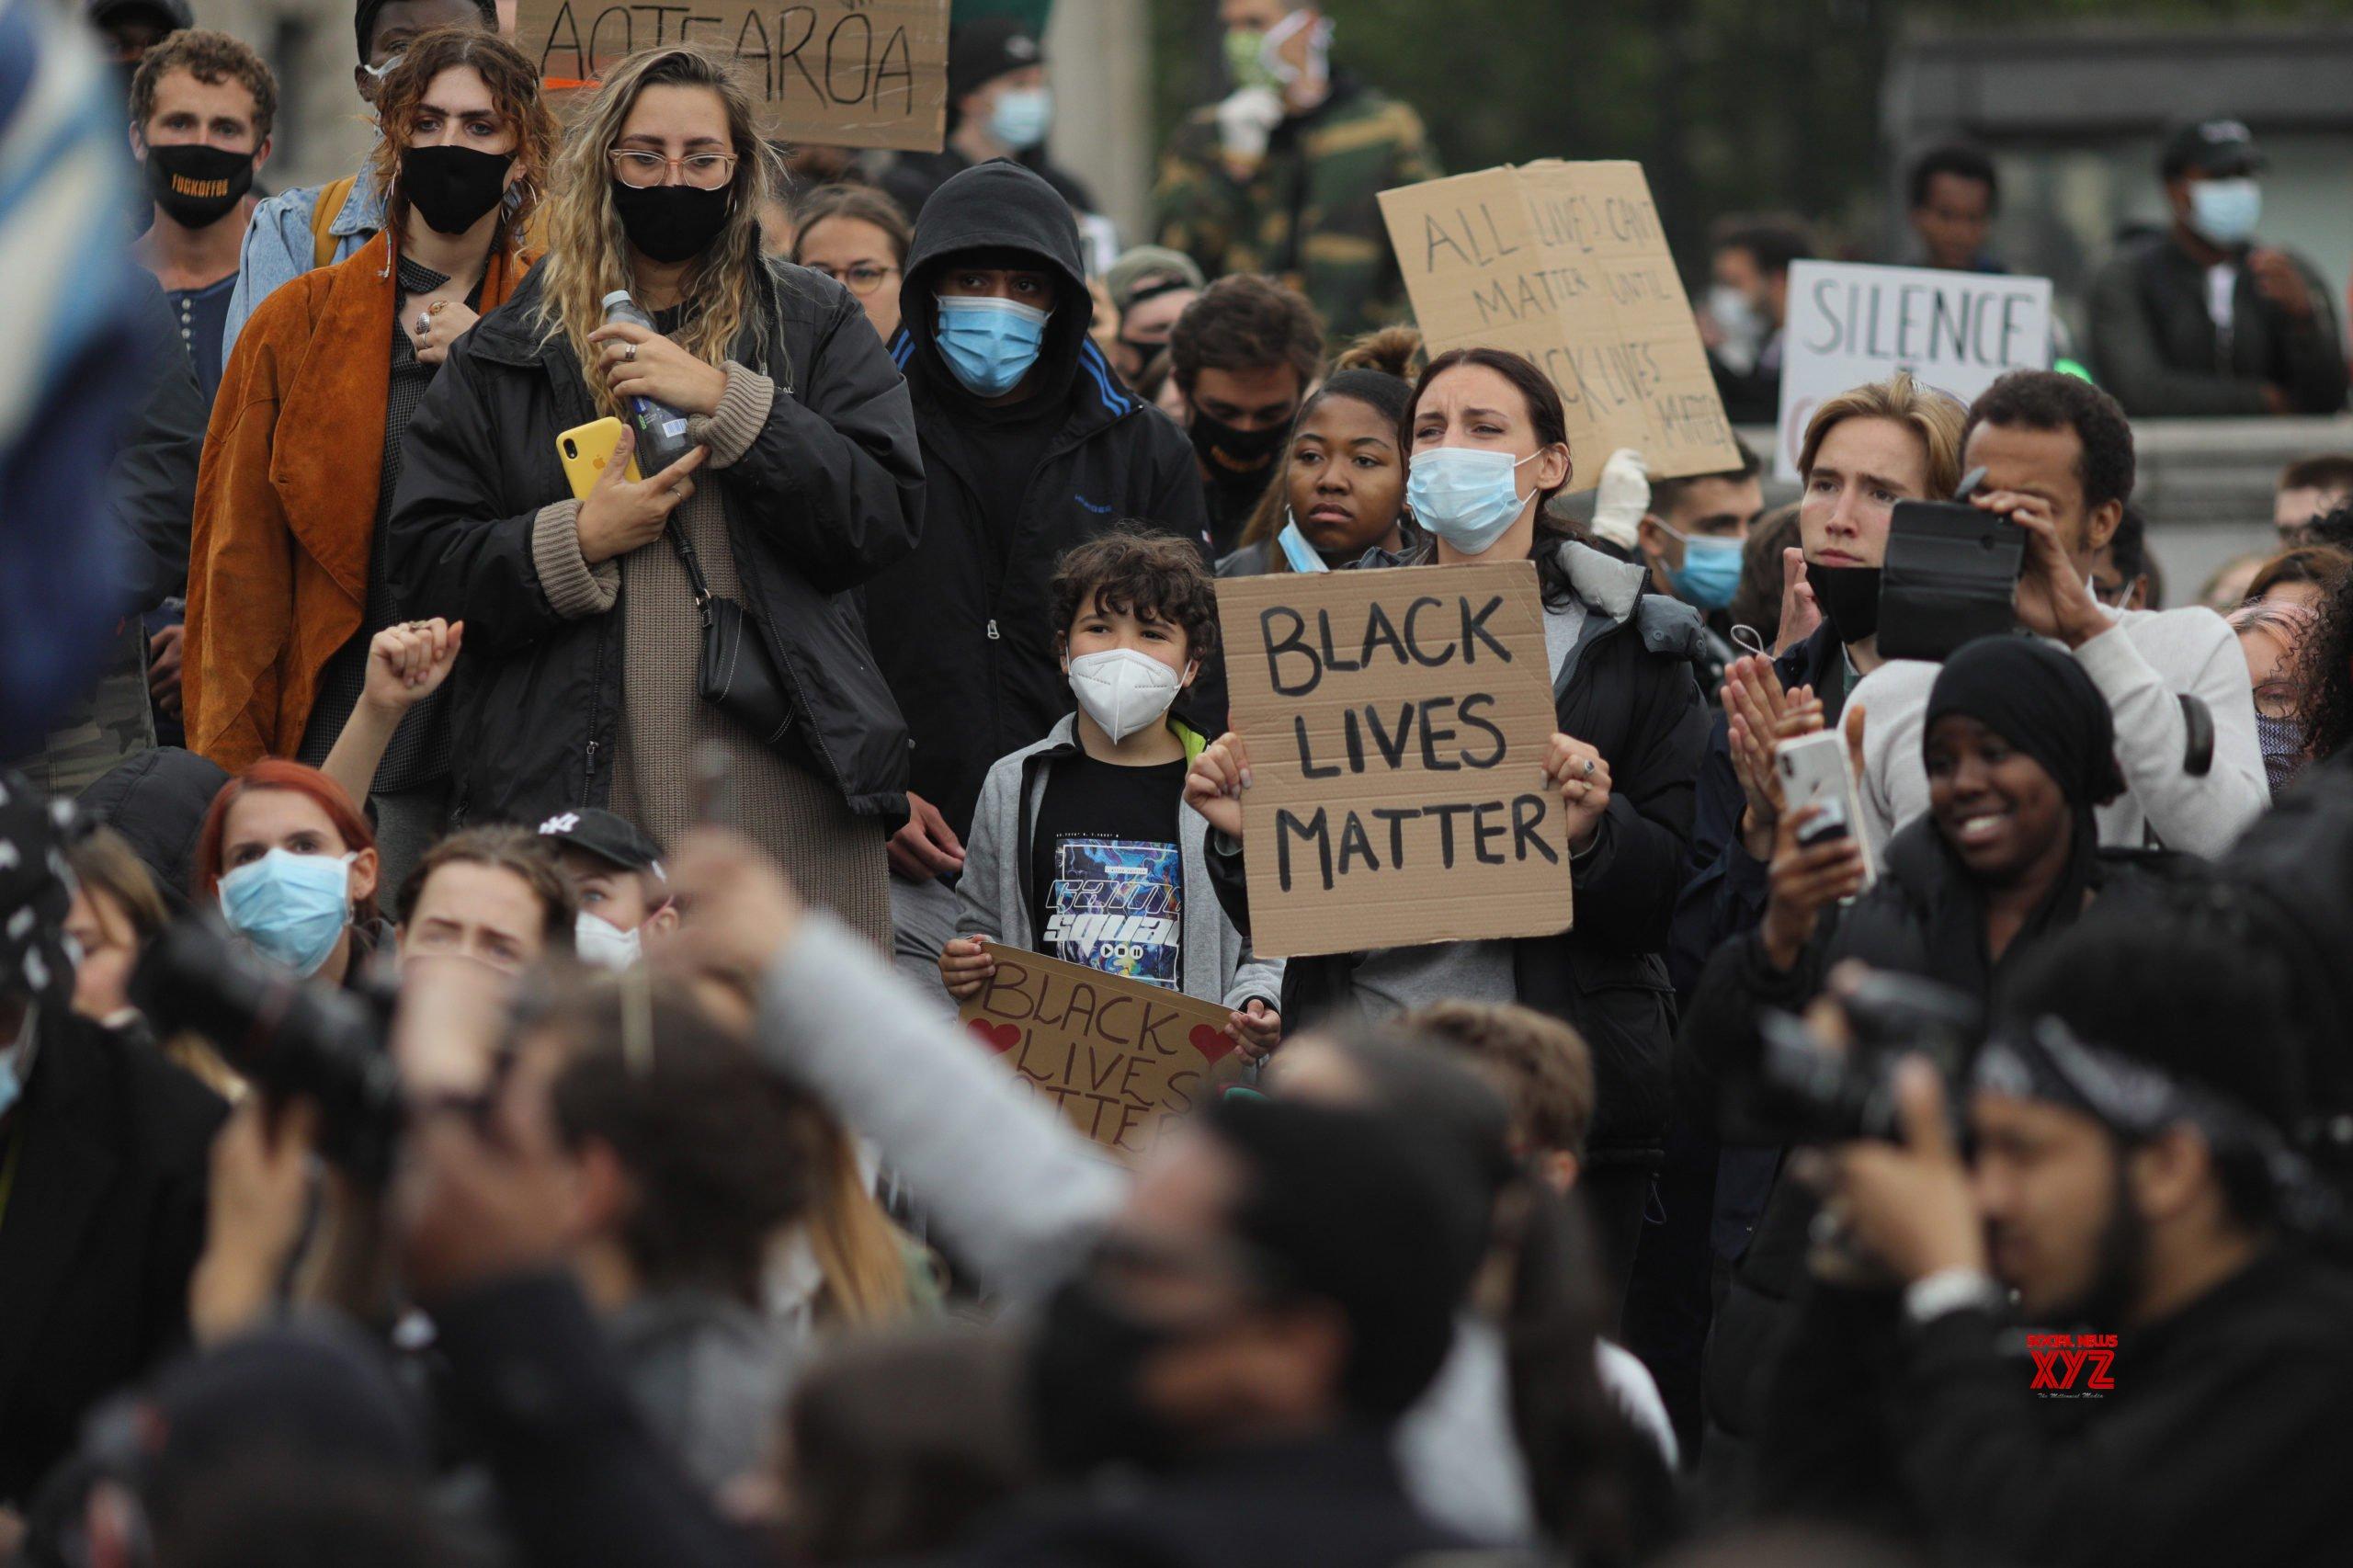 Police clash with far-right protestors in London